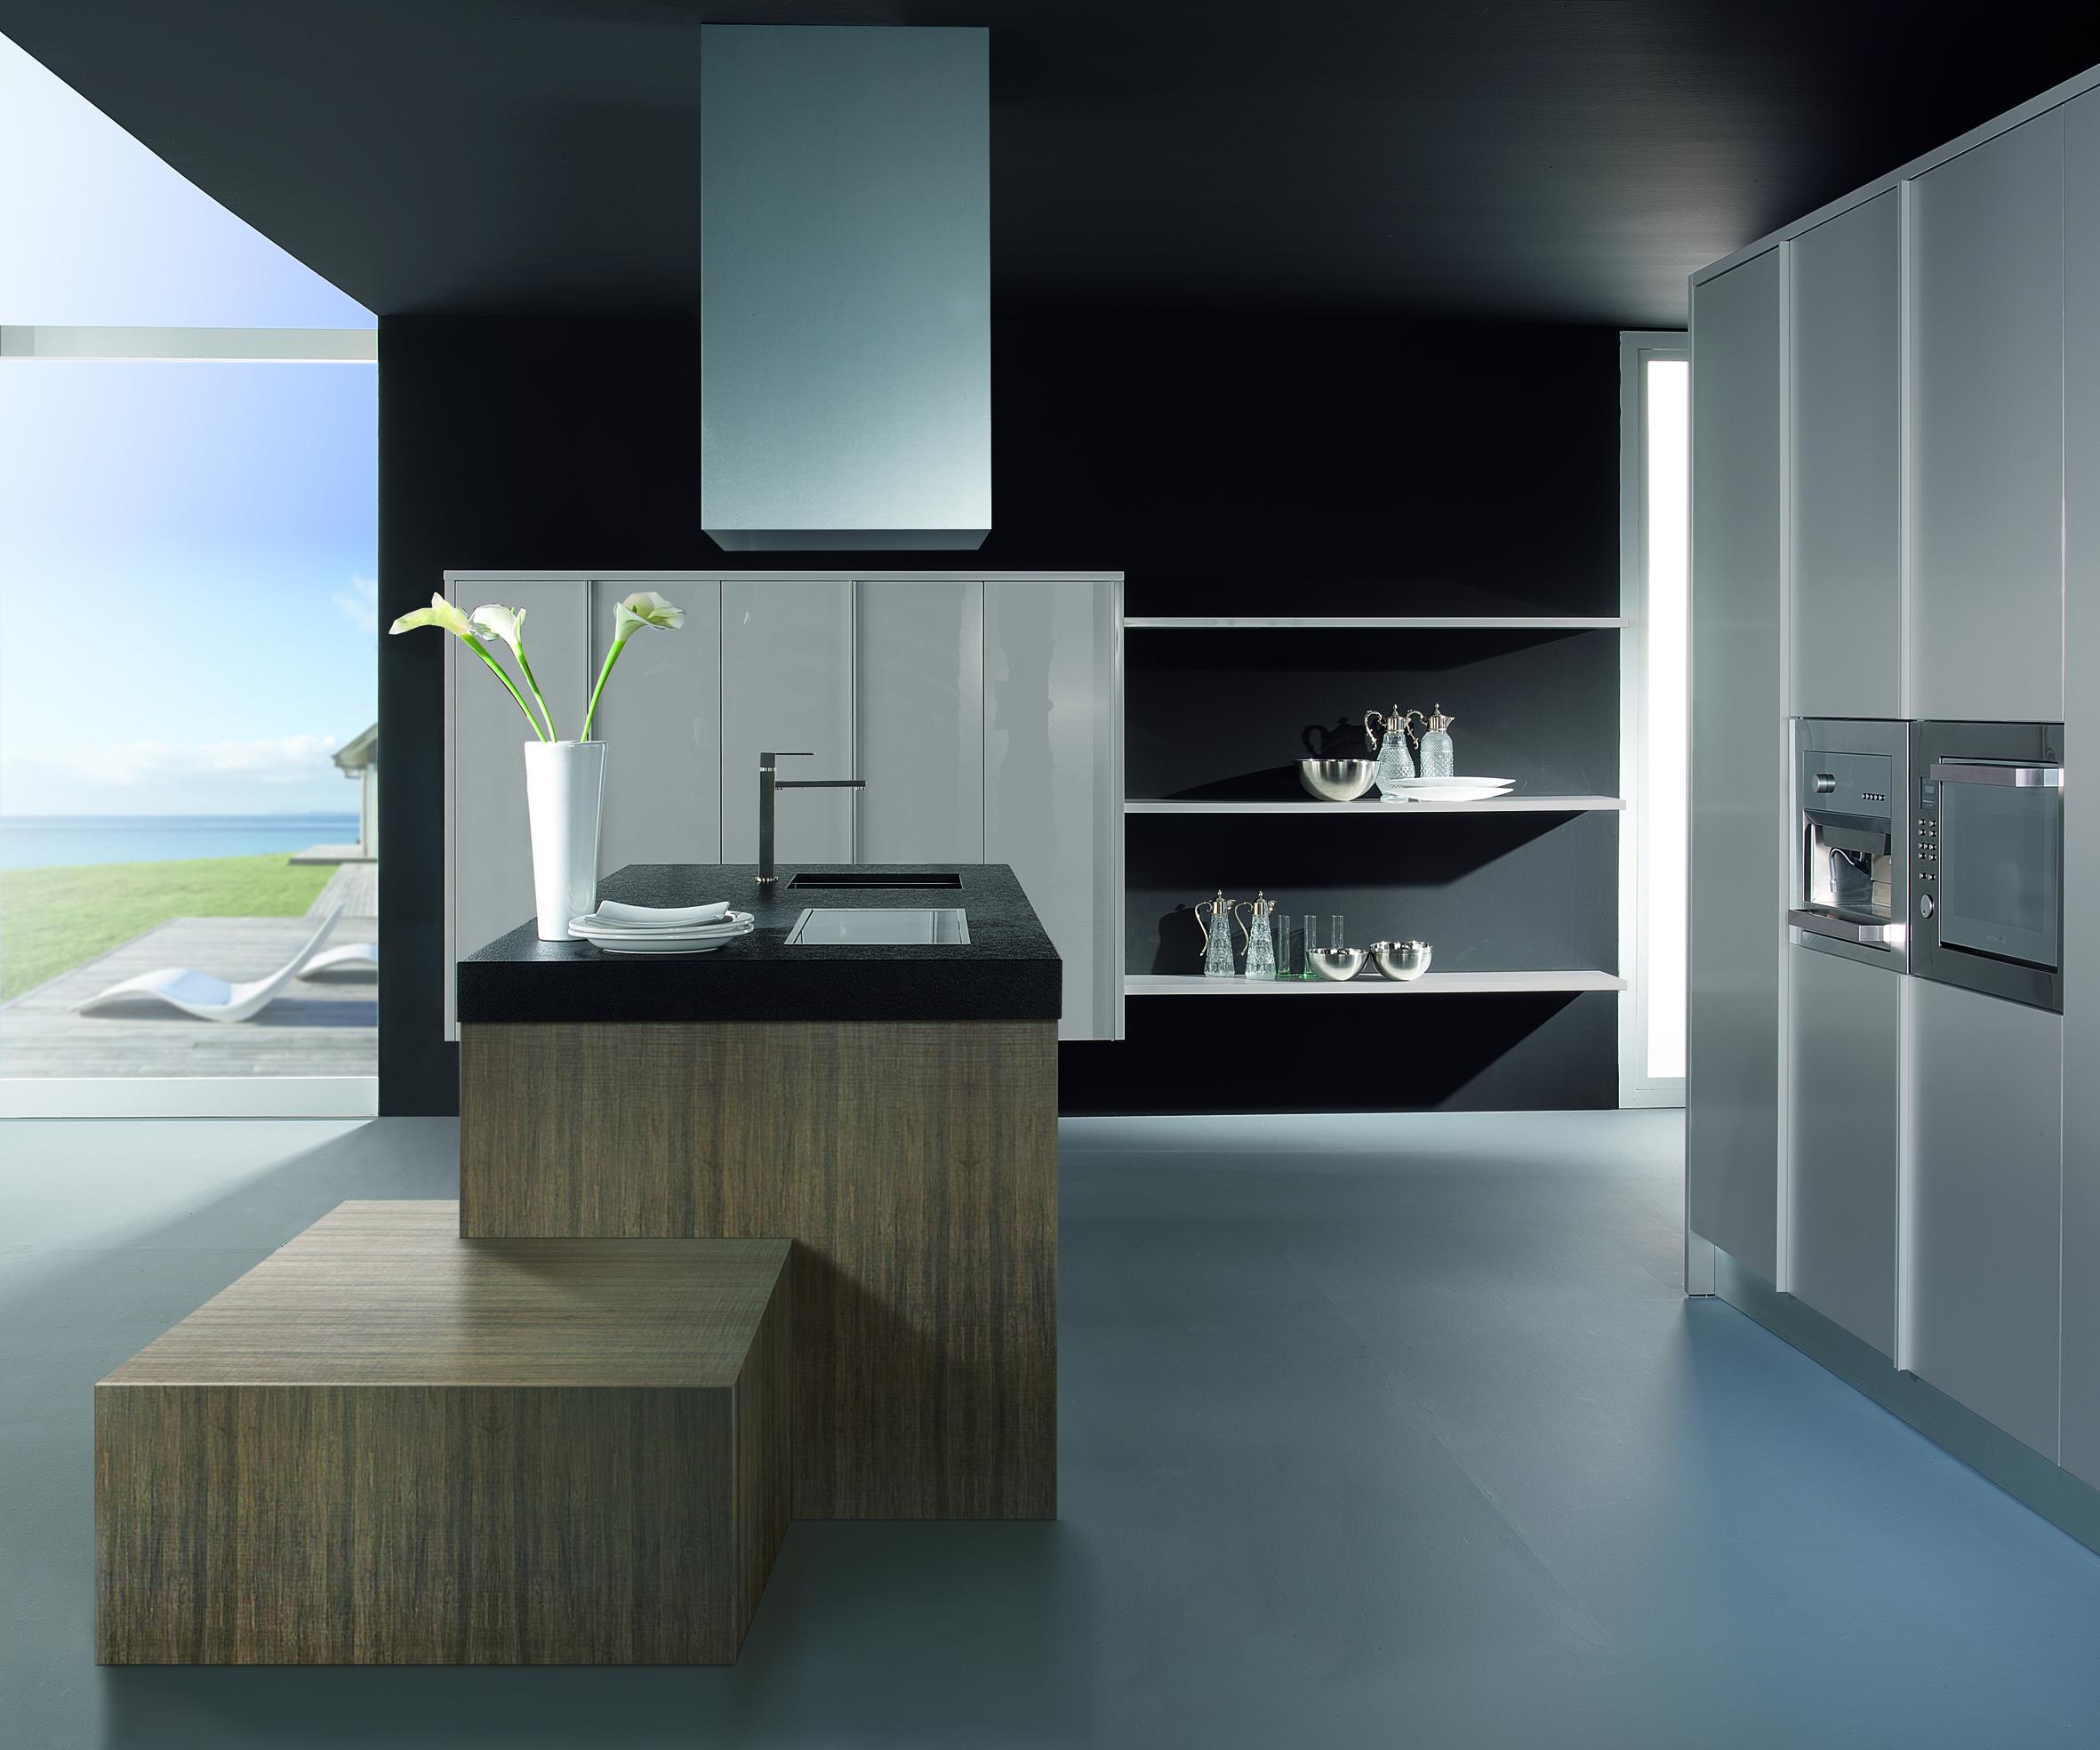 Dise os de cocinas con isla cocinas lola rodriguez cocinas personalizadas en madrid - Cocinas de diseno en sevilla ...